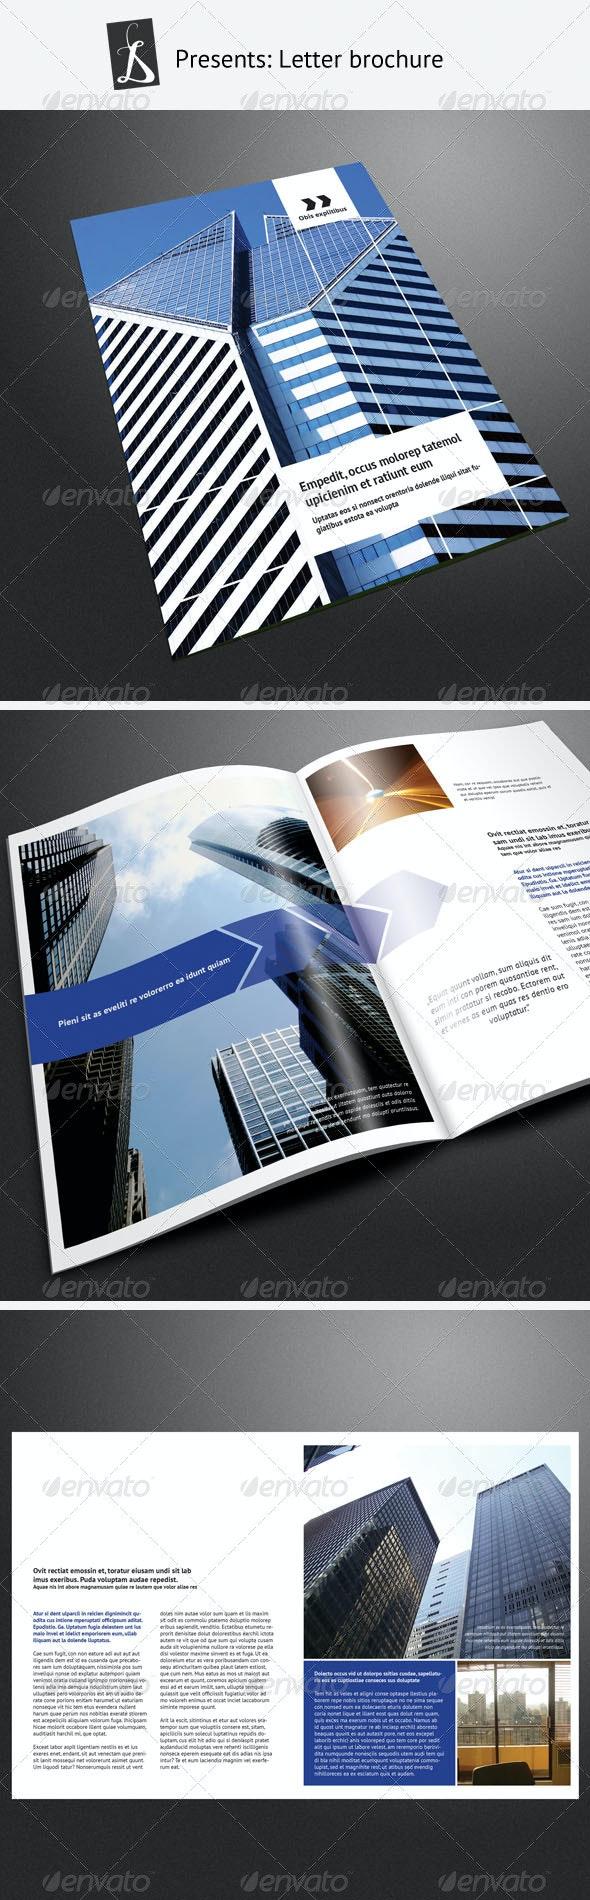 Corporate Brochure 10 - Corporate Brochures